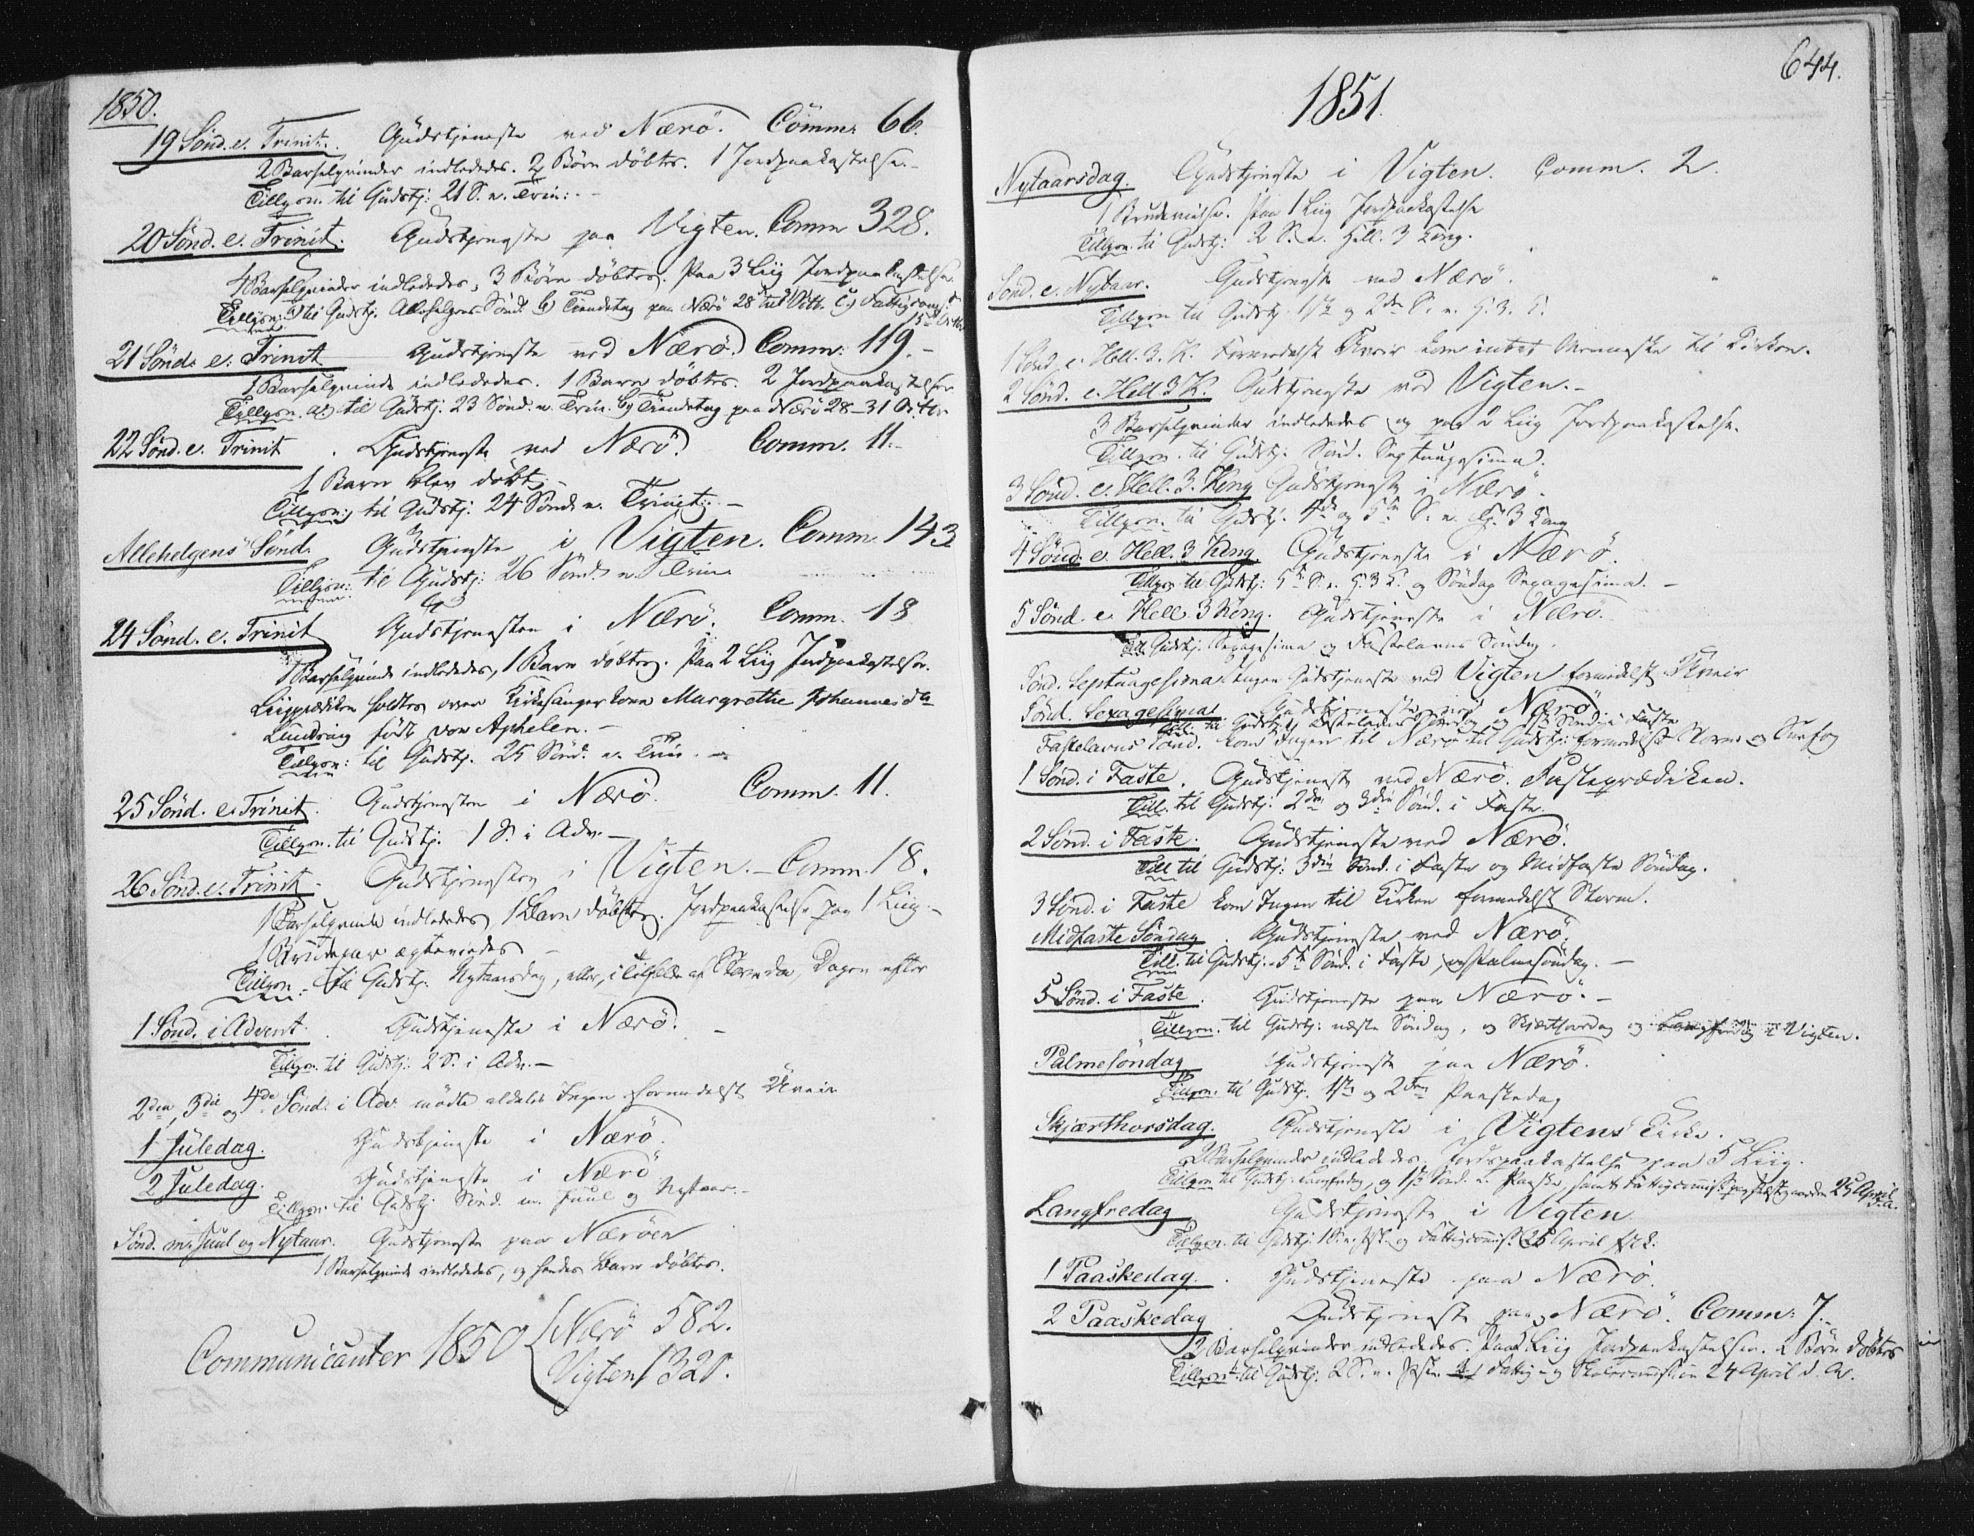 SAT, Ministerialprotokoller, klokkerbøker og fødselsregistre - Nord-Trøndelag, 784/L0669: Ministerialbok nr. 784A04, 1829-1859, s. 644